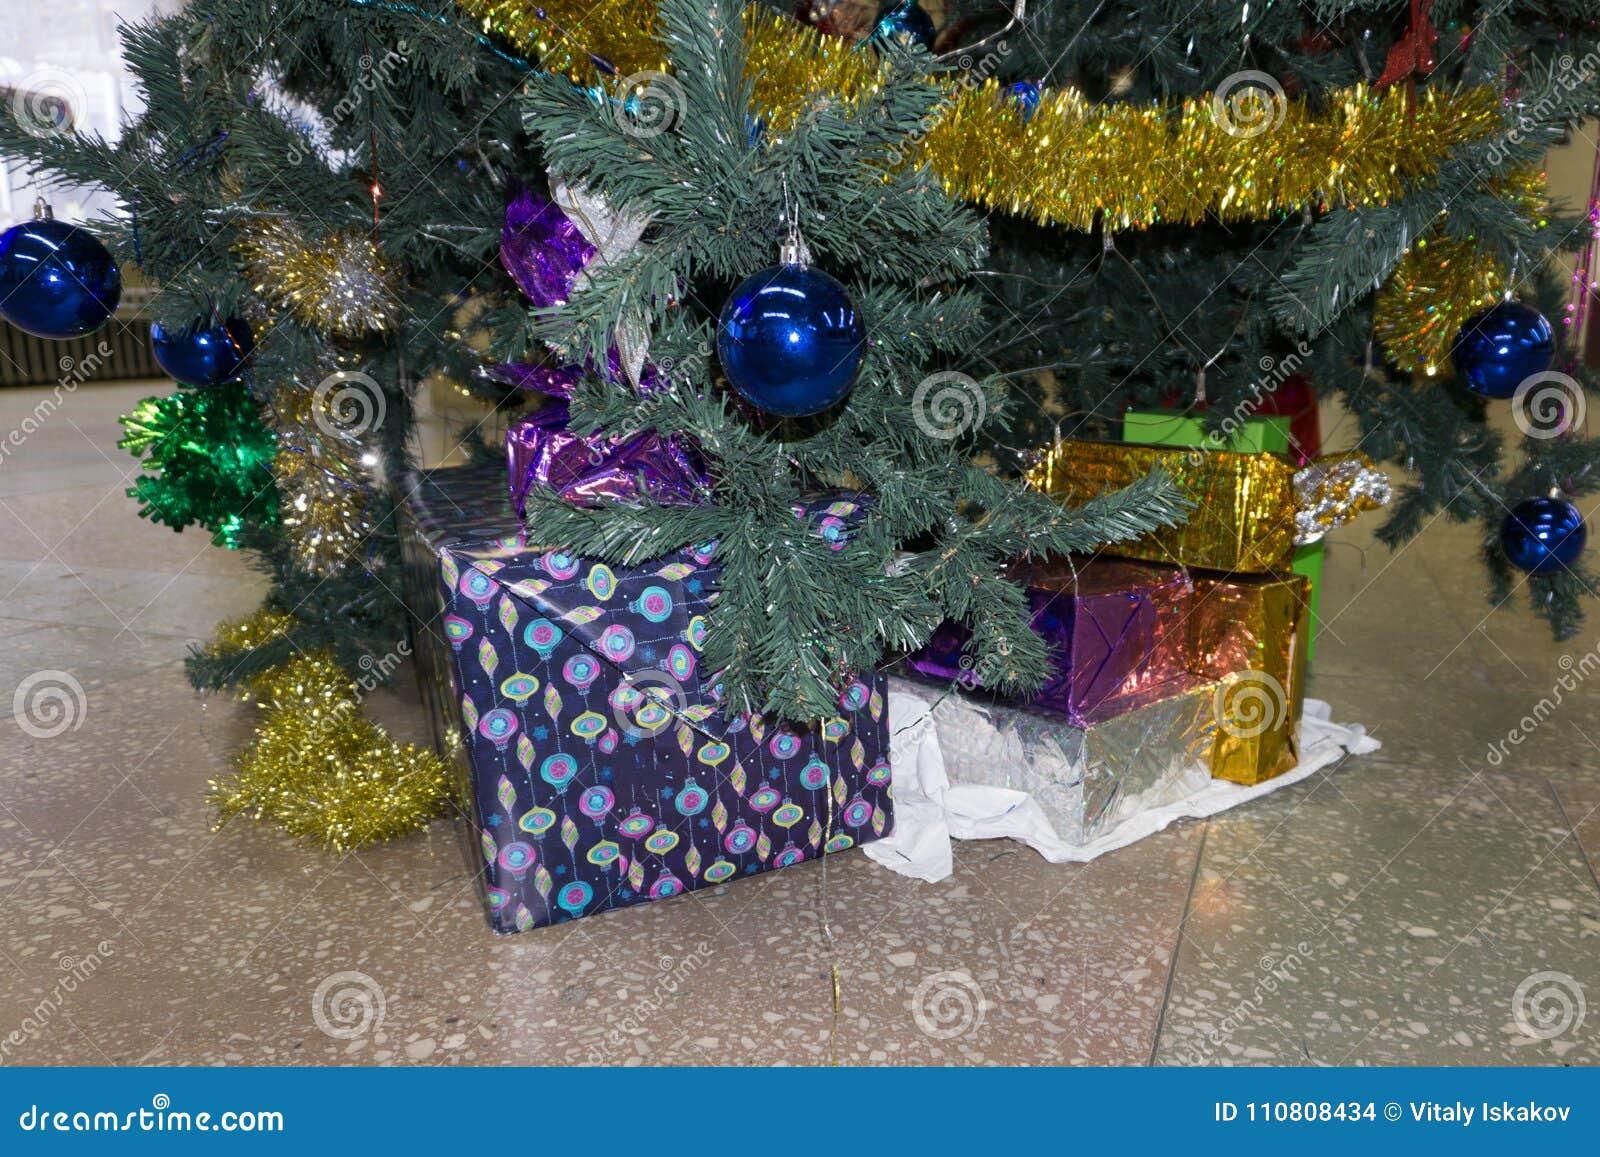 Weihnachtsbaum mit hölzernen rustikalen Dekorationen und Geschenken unter ihm im Dachbodeninnenraum